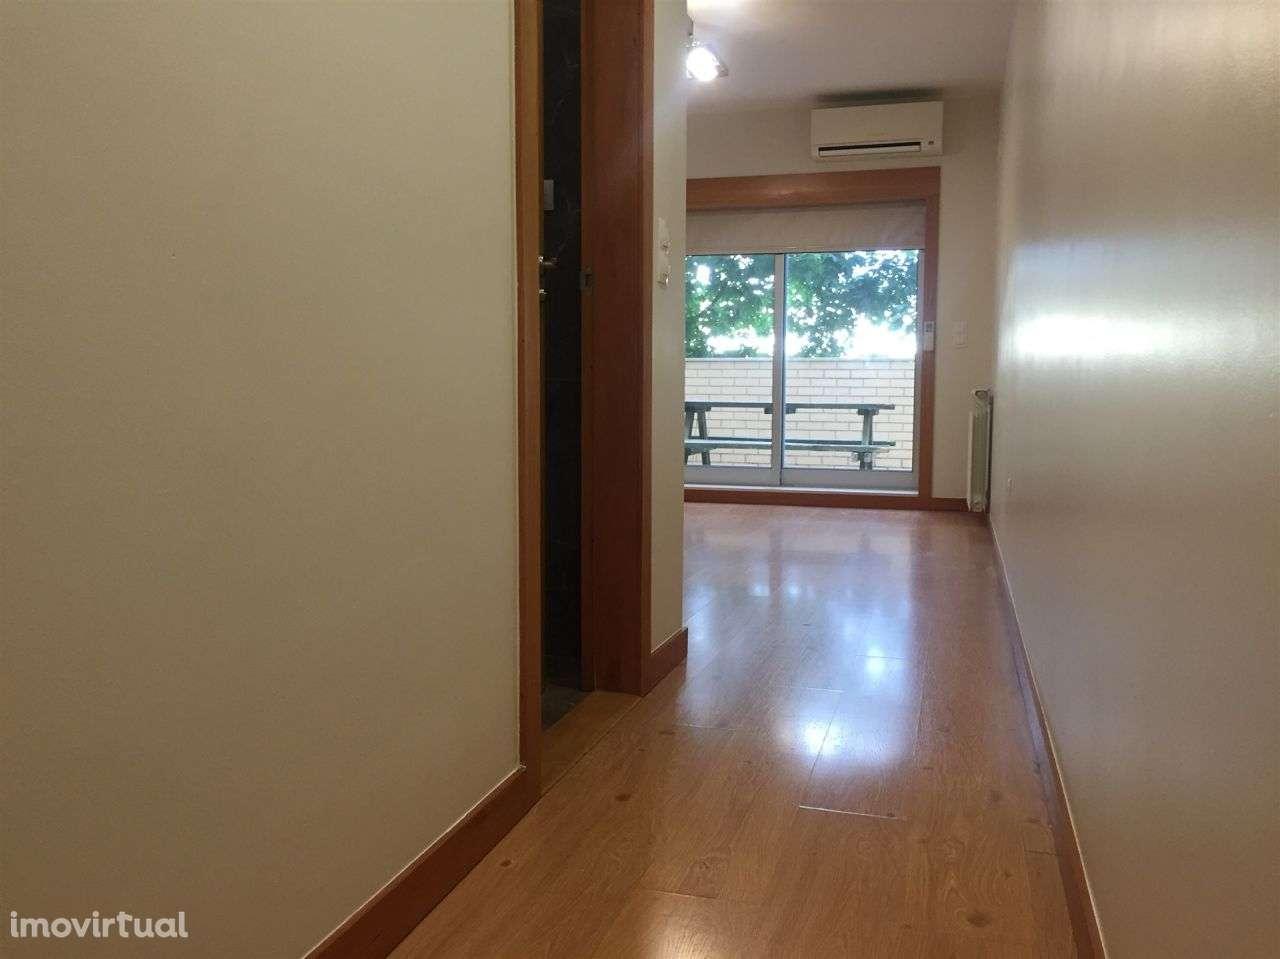 Apartamento para comprar, Pedrouços, Maia, Porto - Foto 18